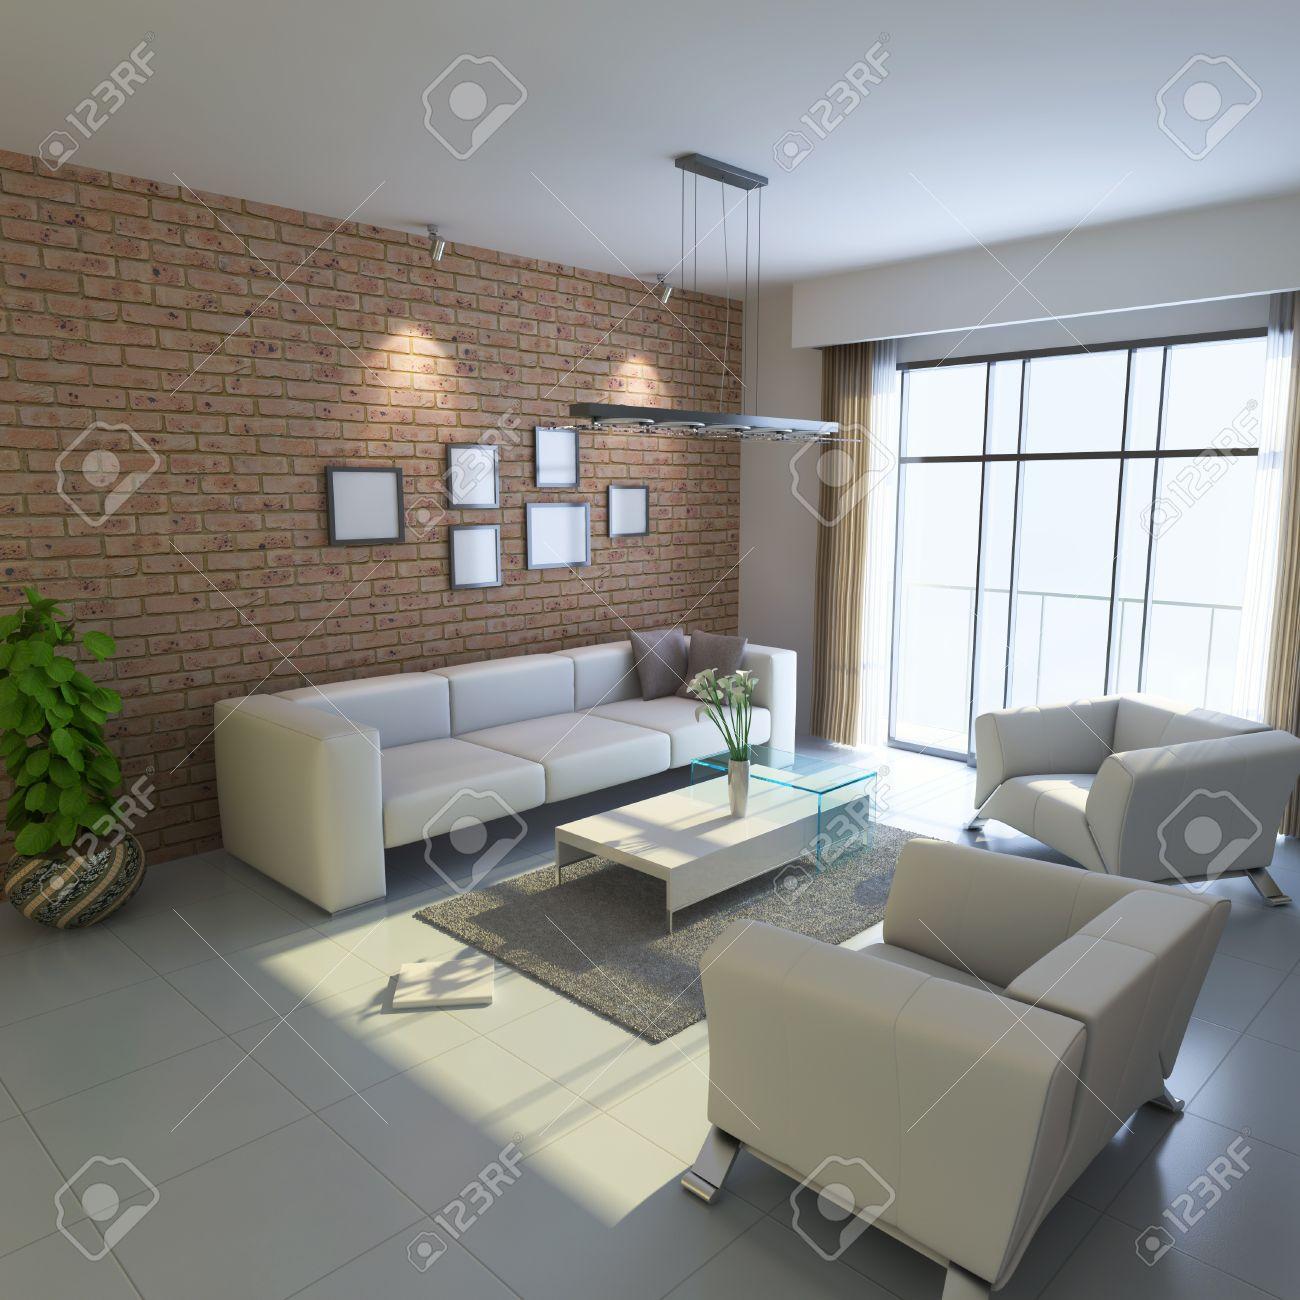 Hauseinrichtung  Hauseinrichtung Room.3d Rendern Lizenzfreie Fotos, Bilder Und ...